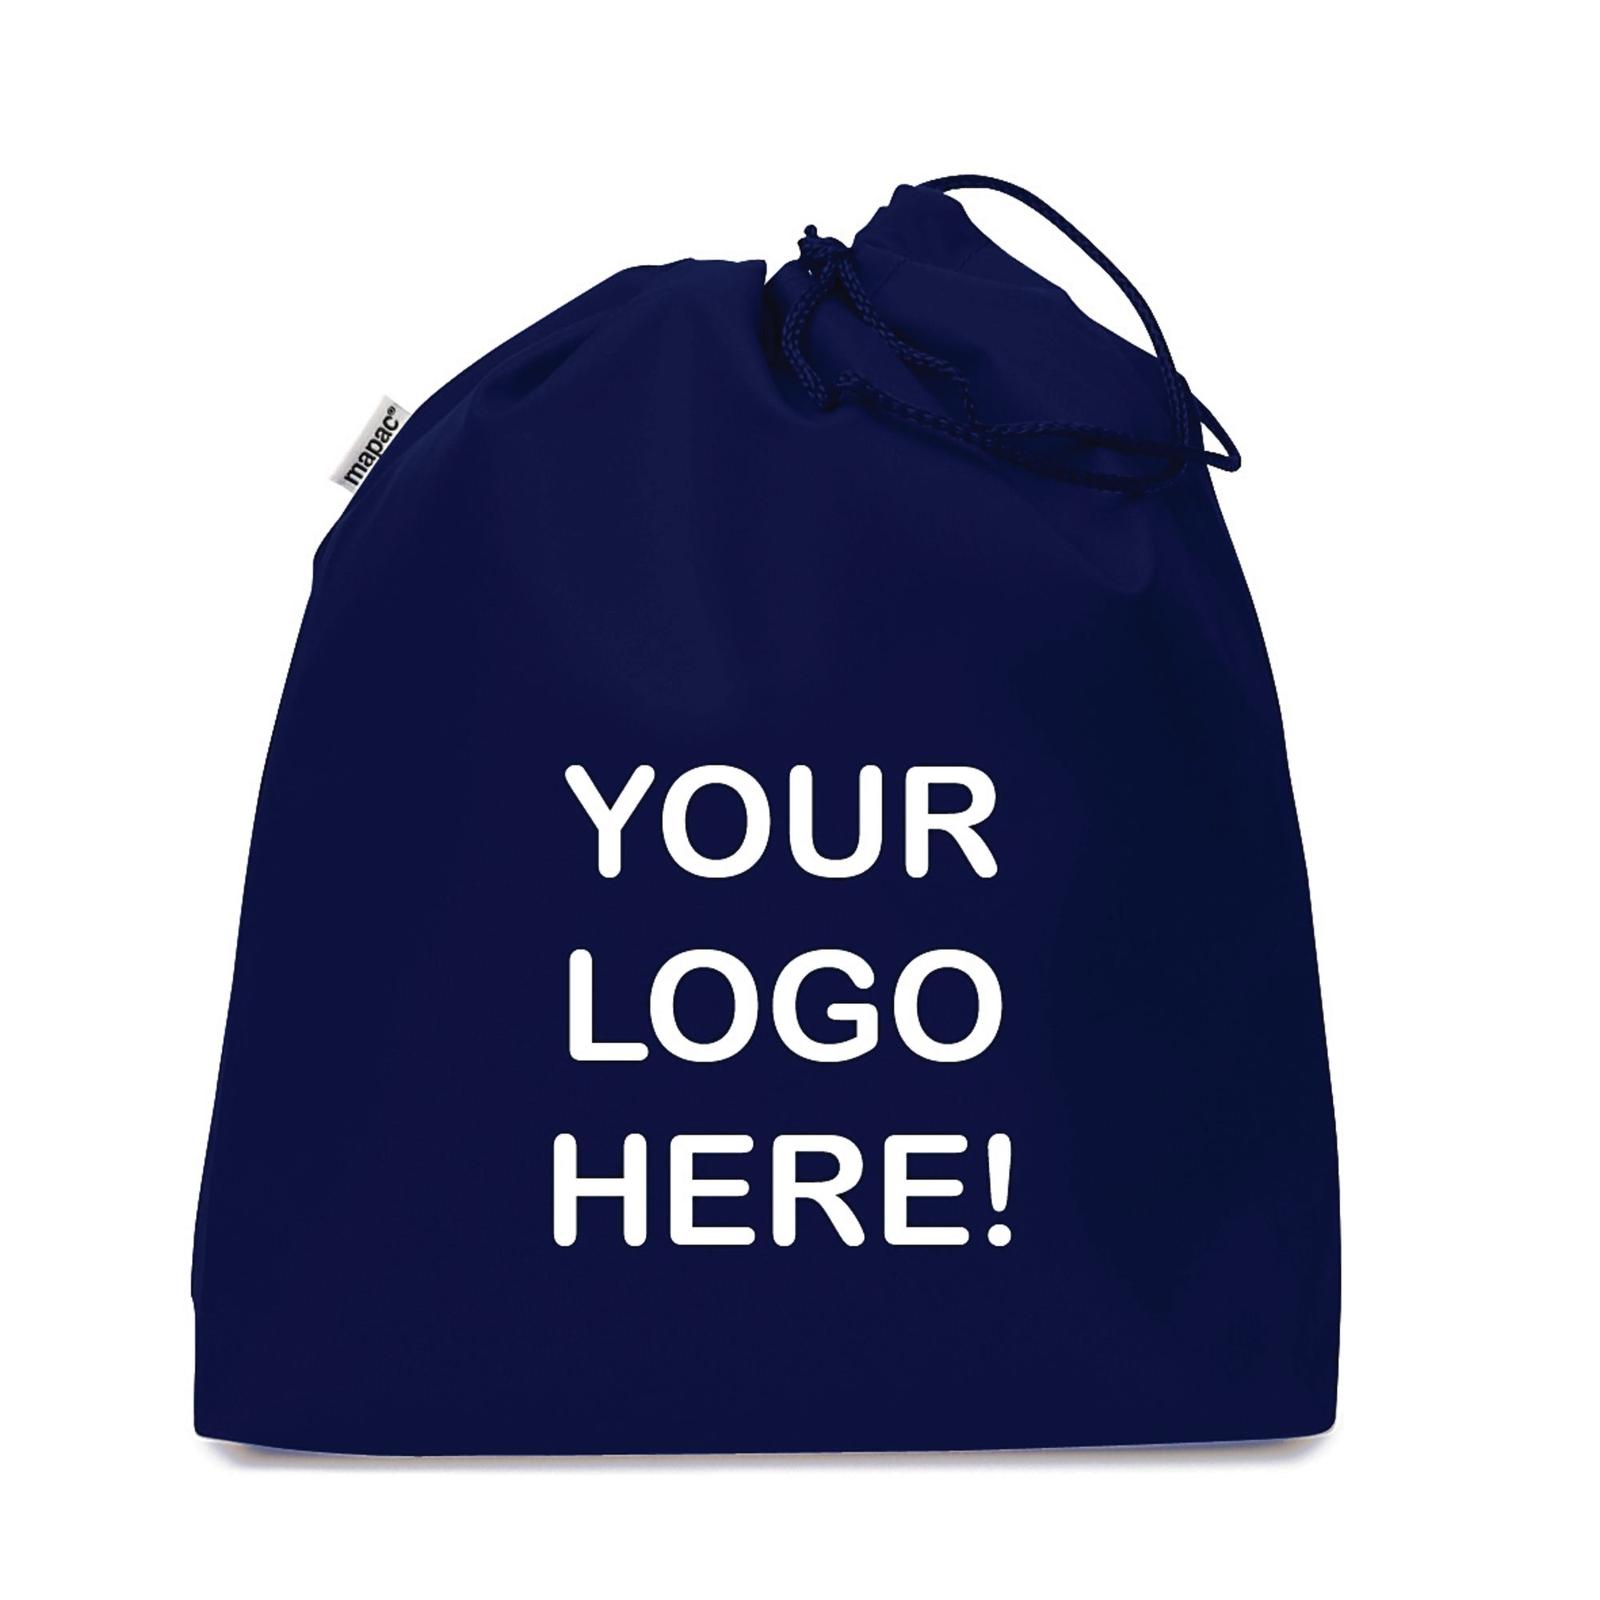 Personalised Gym Bag Navy - Pack of 25